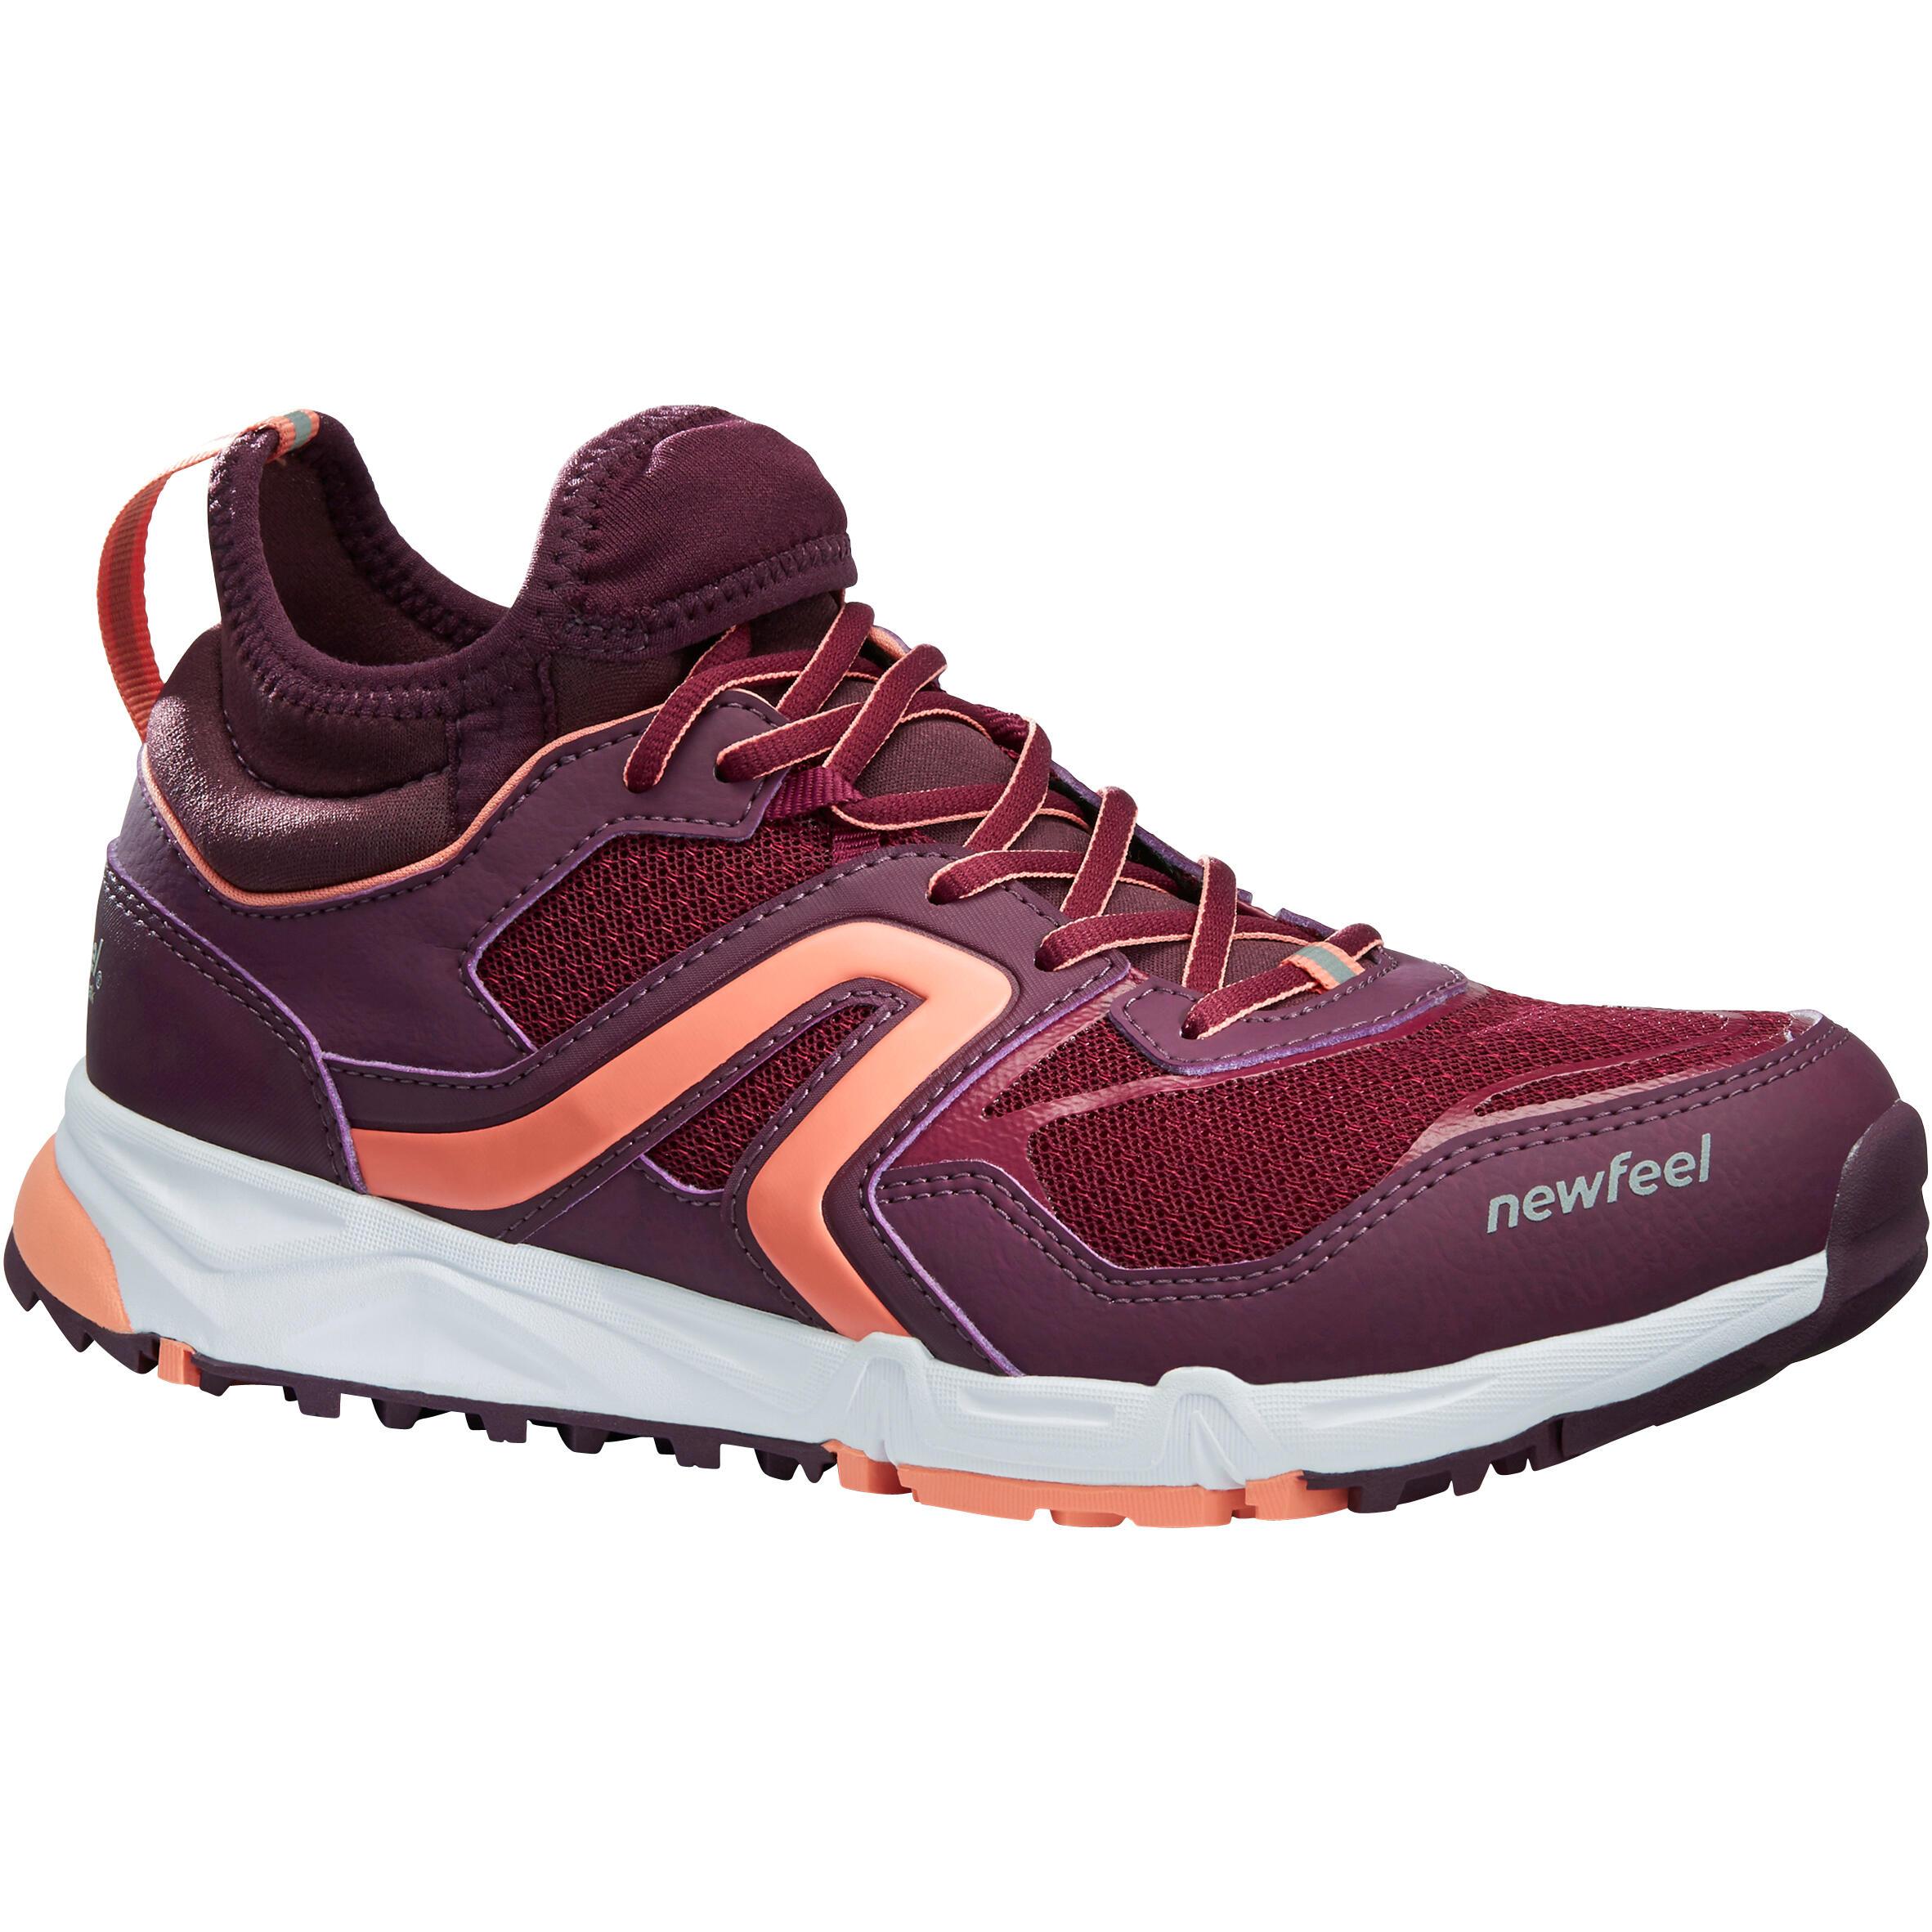 Newfeel Nordic walking schoenen voor dames NW 500 Flex-H pruim